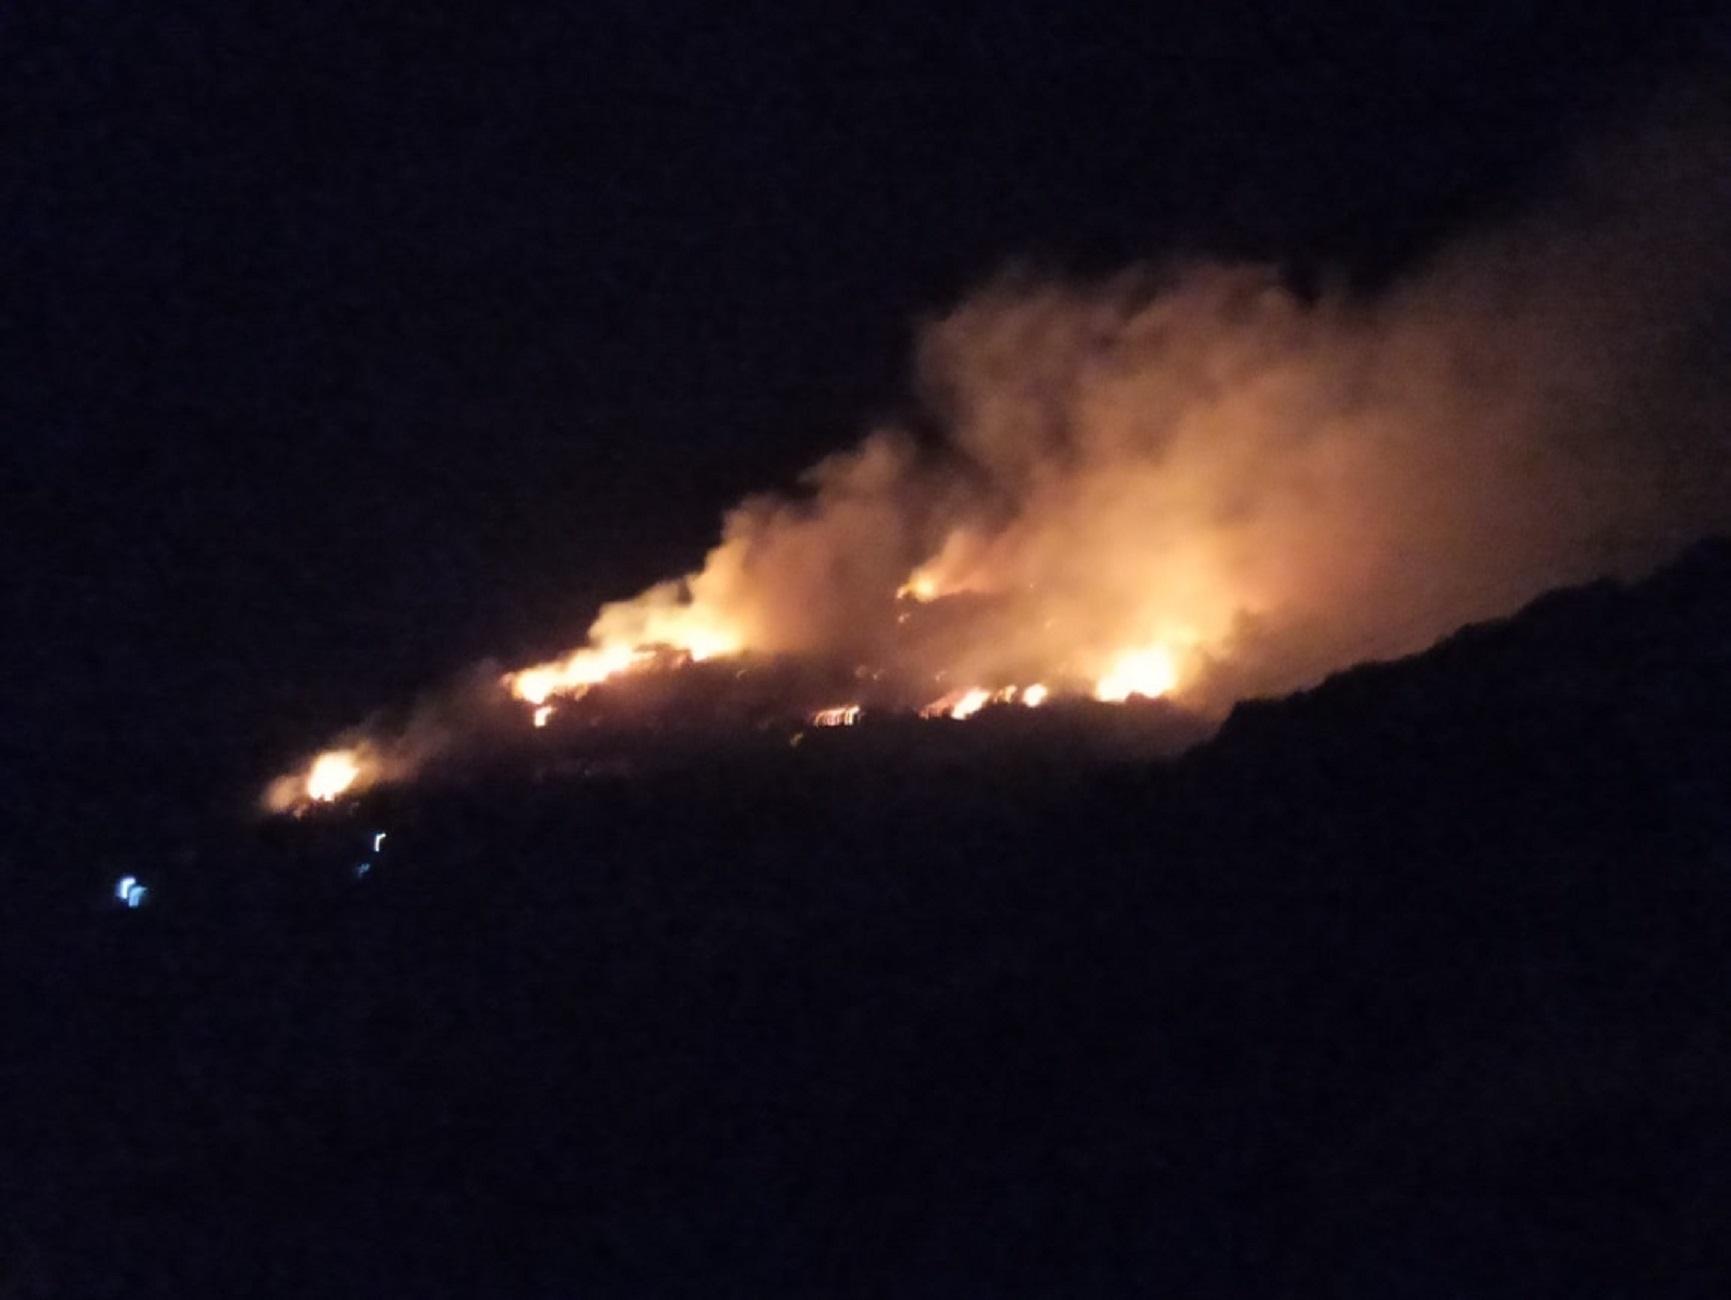 Σάμος: Έξι προσαγωγές για την φωτιά κοντά στο κέντρο μεταναστών